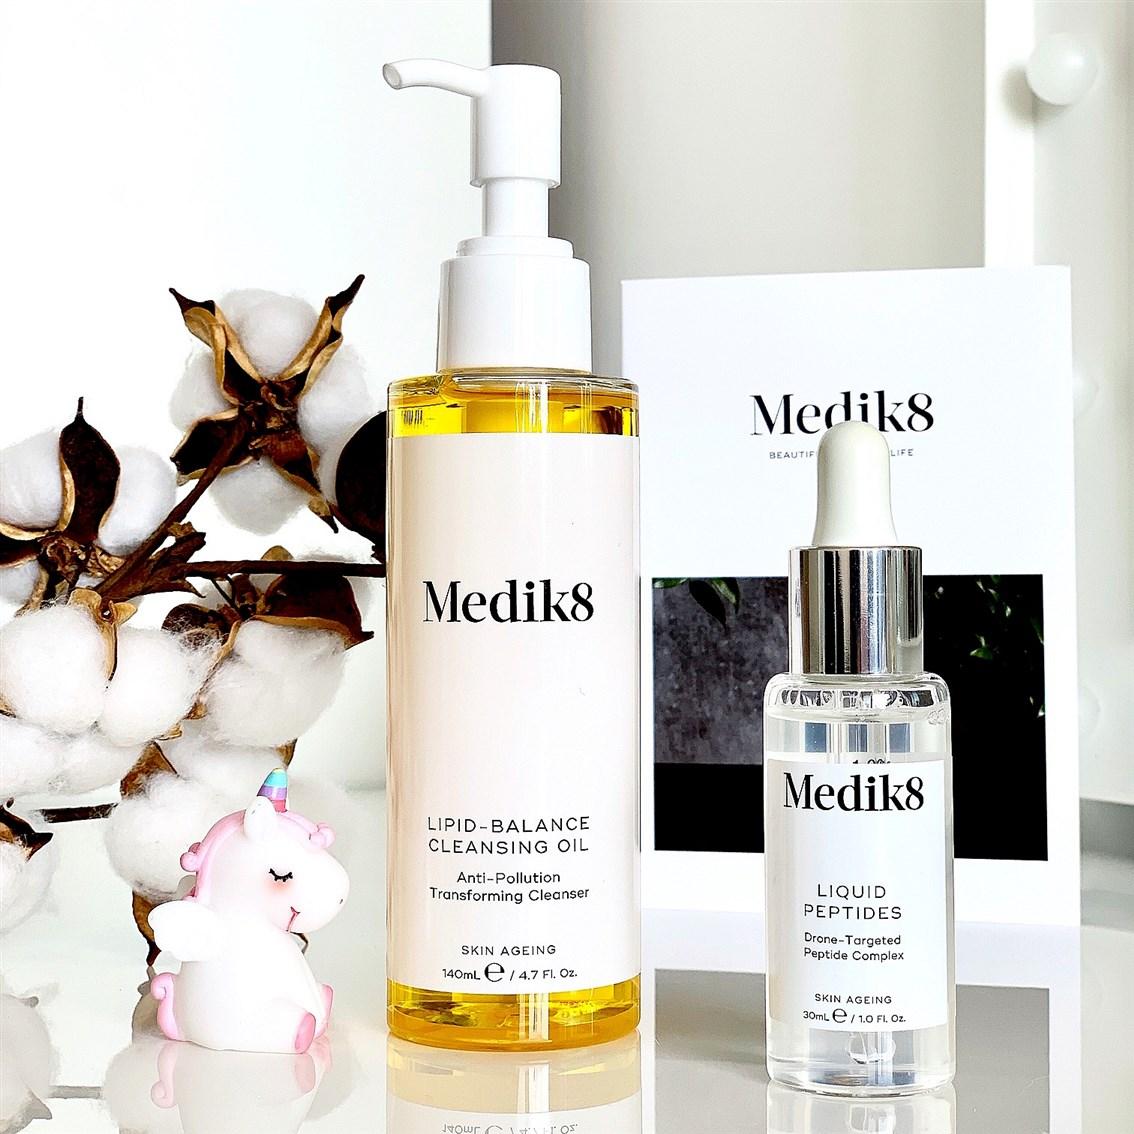 Medik8 kosmetyki opinie recenzje blog